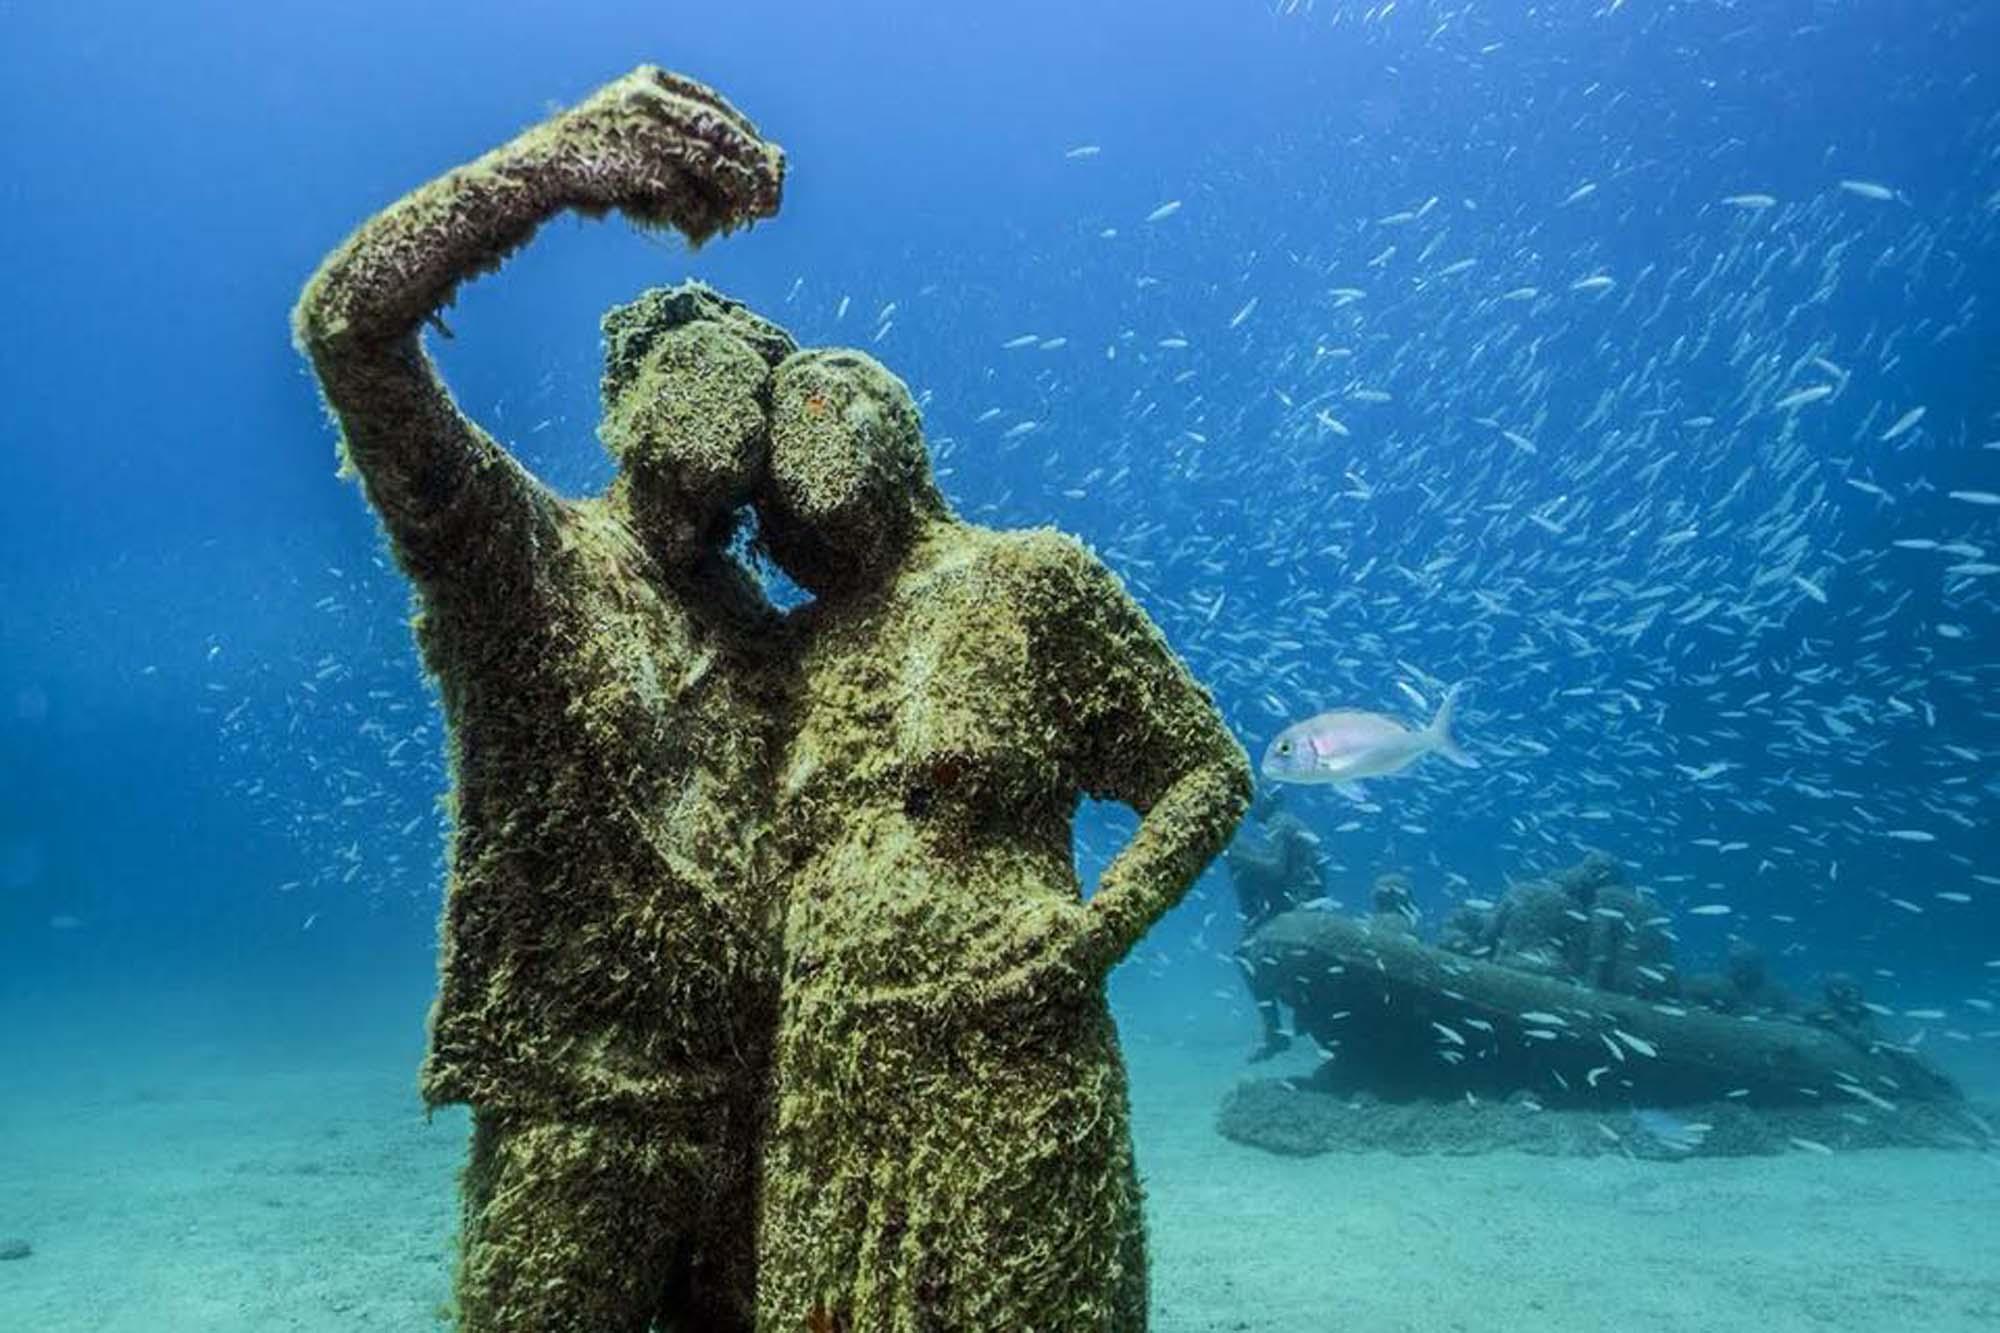 Las figuras del museo han sido ideadas por el artista británico Jason deCaires e inspiradas en los habitantes reales de la isla. Foto: Museo Atlántico de Lanzarote.